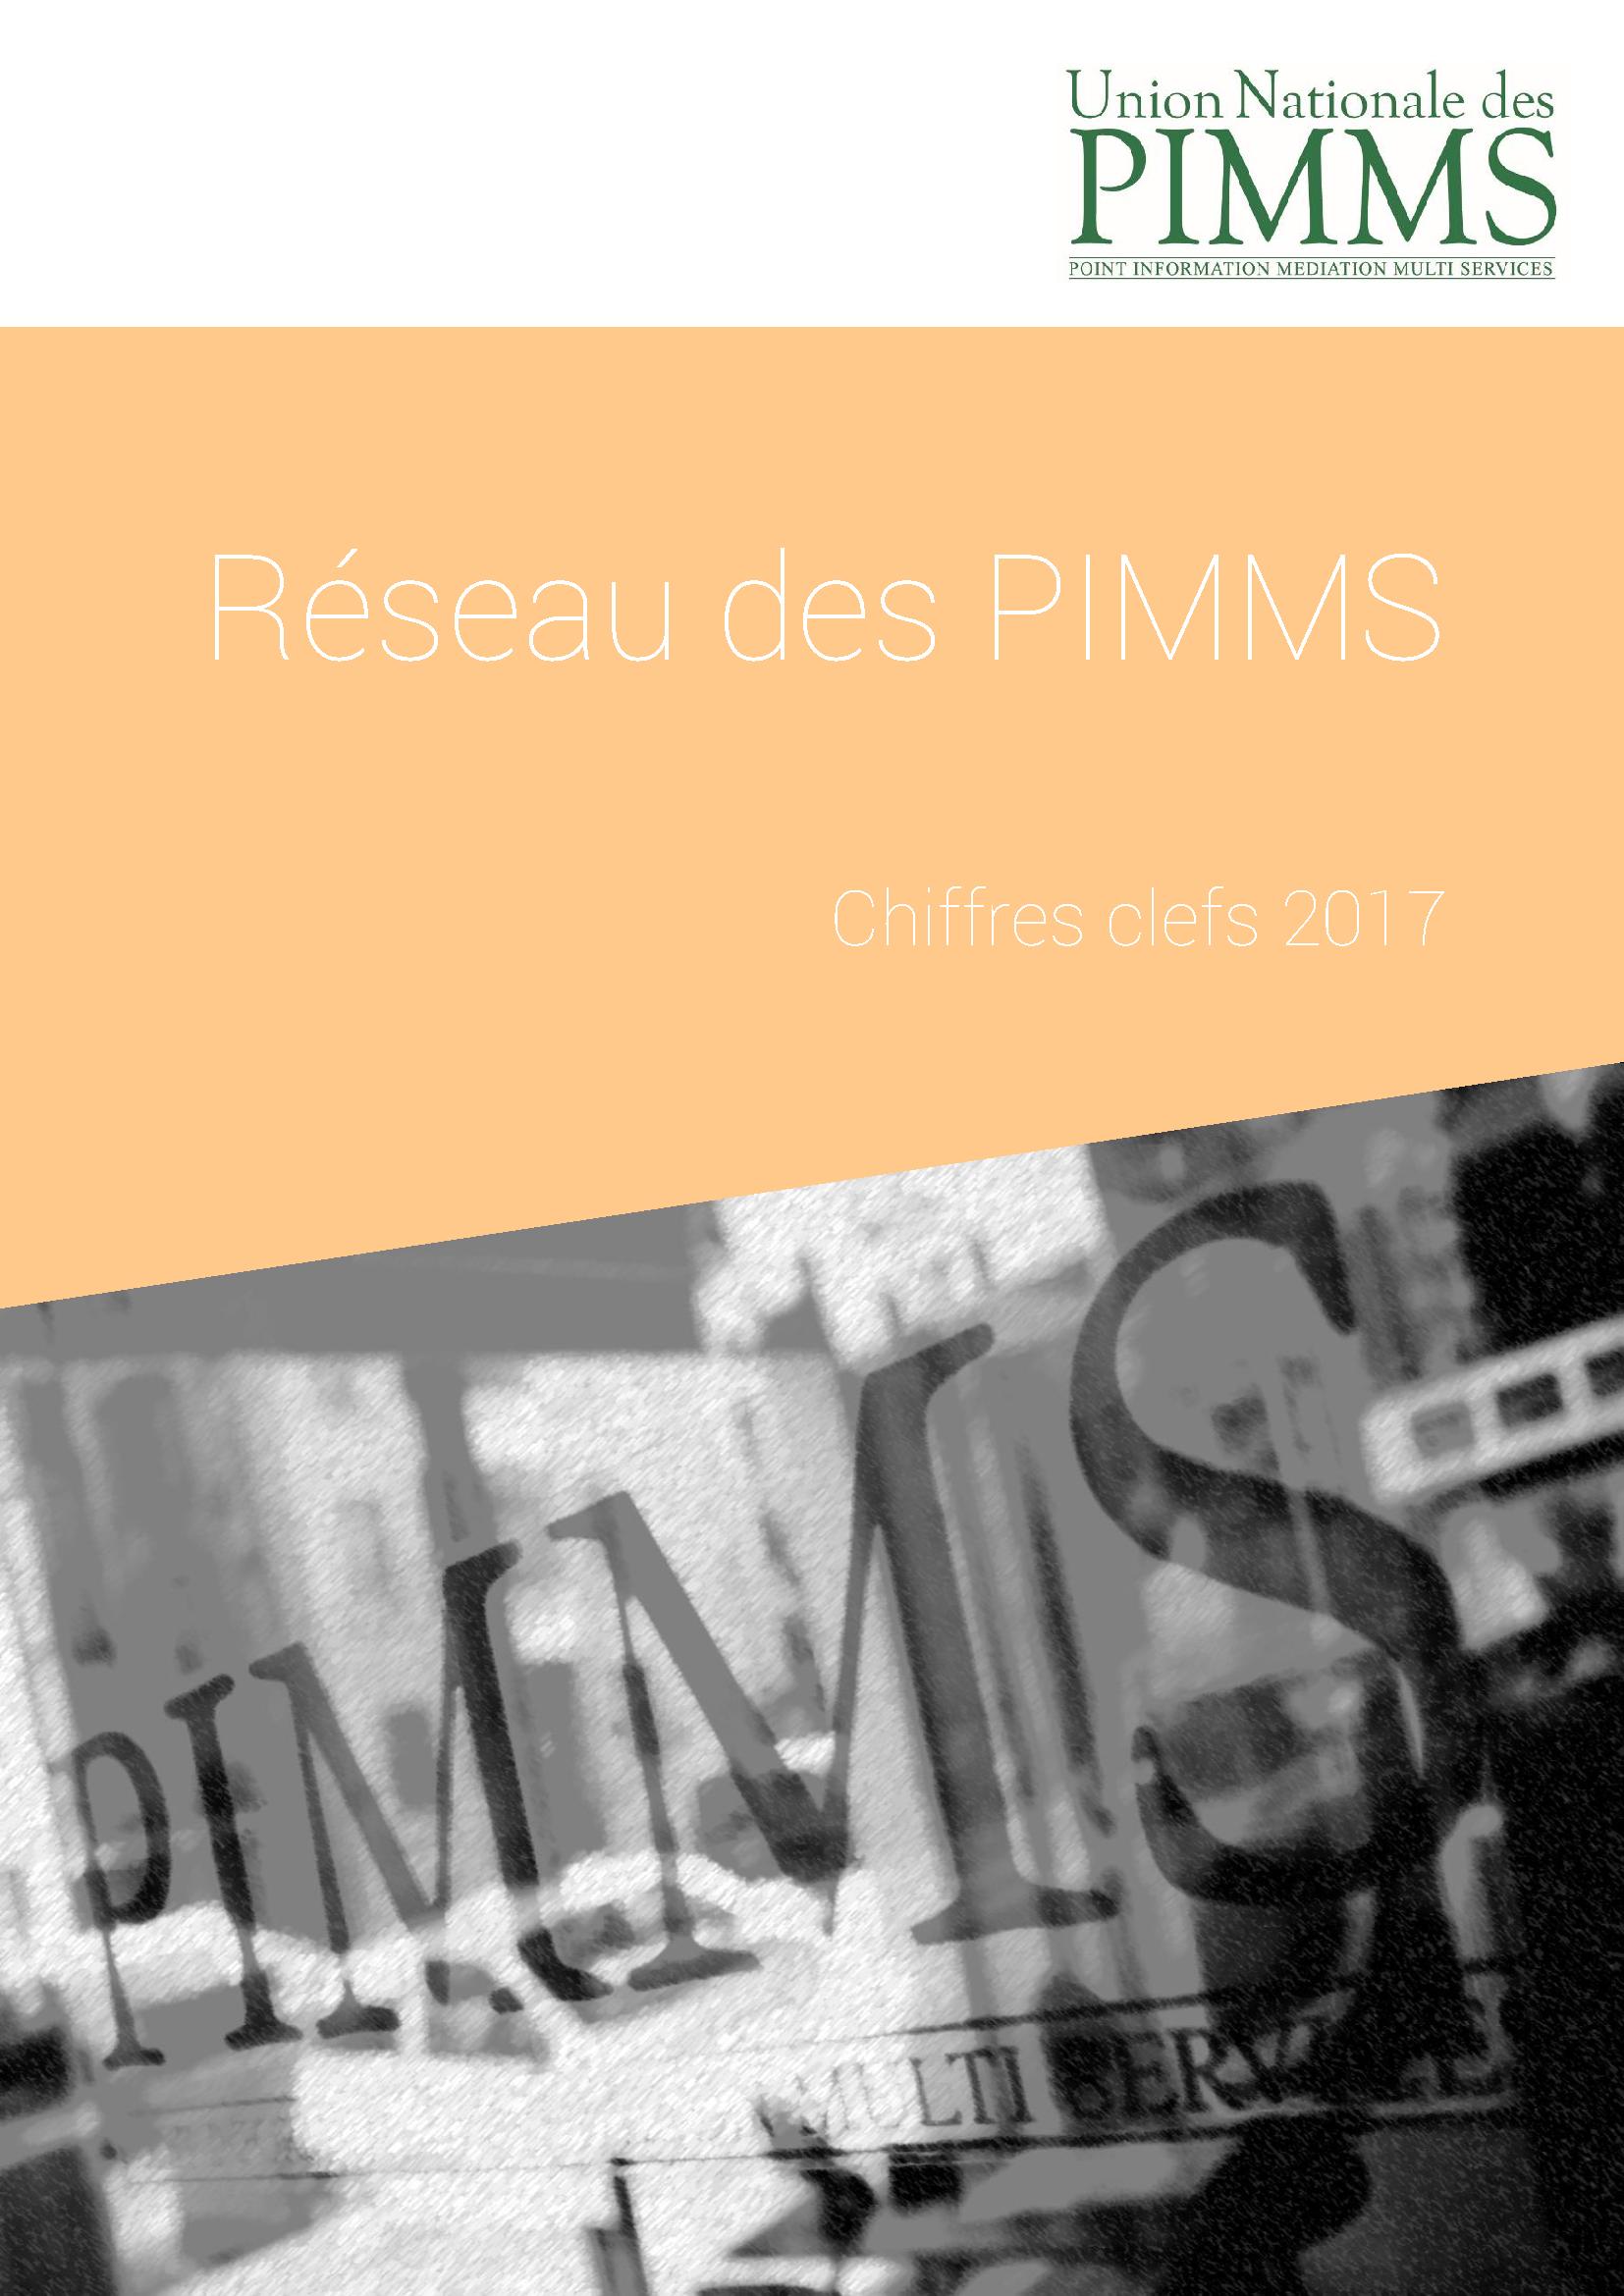 Chiffres clefs 2017 du réseau des PIMMS_Page_1